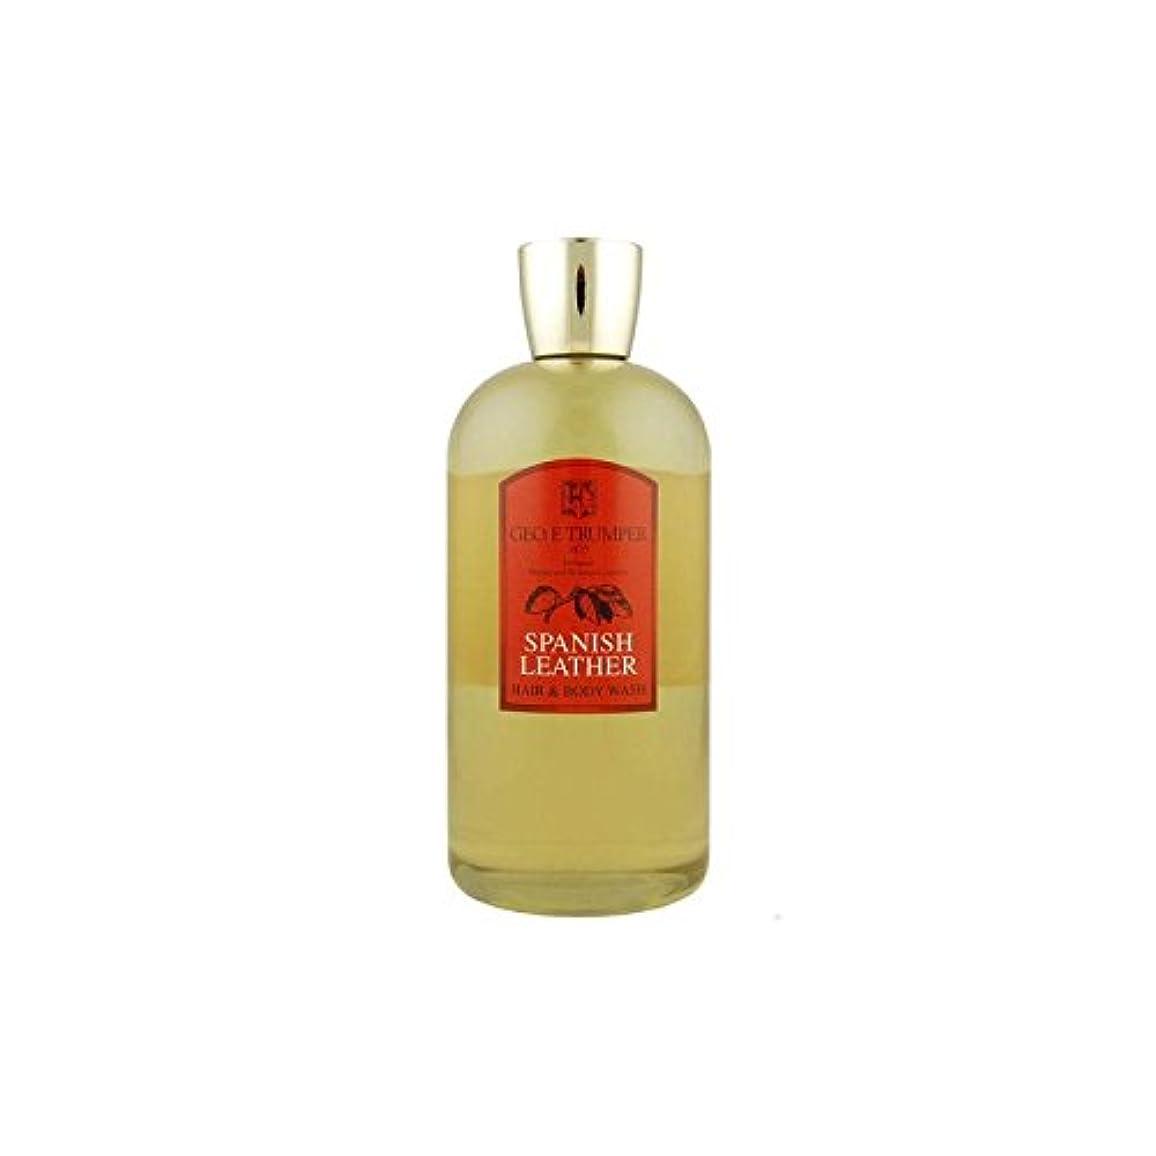 過言潜水艦気になるTrumpers Spanish Leather Hair and Body Wash - 500mlTravel Bottle (Pack of 6) - 革の髪とボディウォッシュスペイン語 - 500ボトル x6 [...